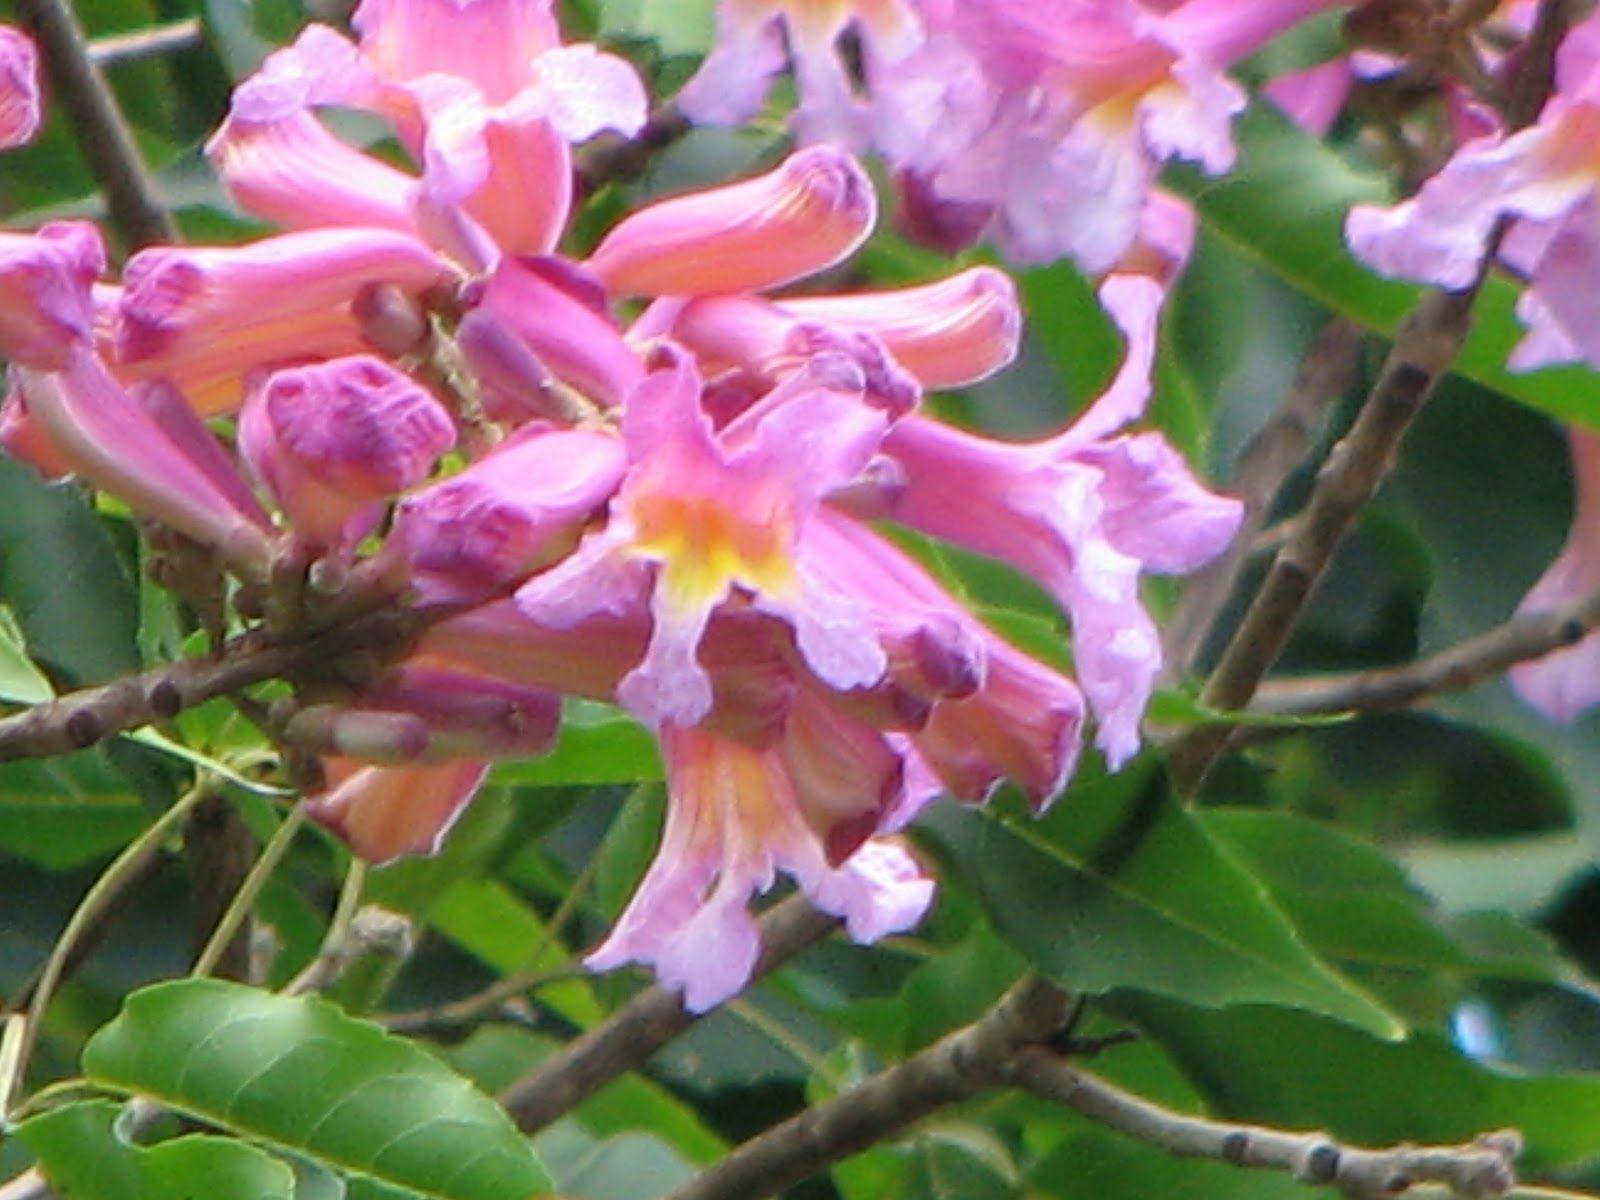 Tabebuia impetiginosa the dwarf pink trumpet tree herbal tabebuia impetiginosa the dwarf pink trumpet tree mightylinksfo